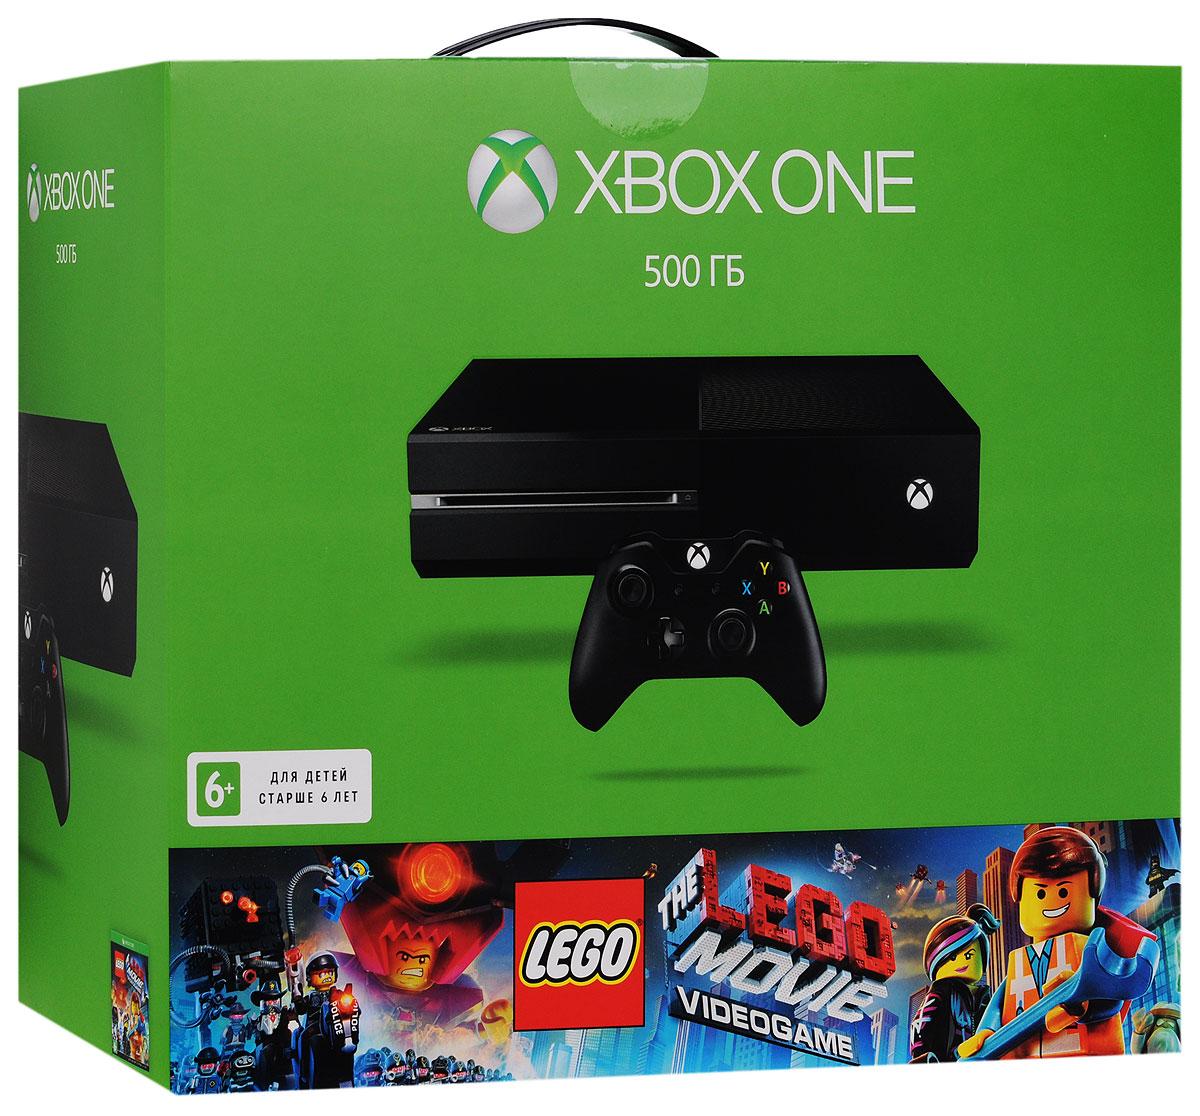 Игровая приставка Xbox One 500 ГБ + The LEGO Movie Videogame forza motorsport 5 [xbox one]